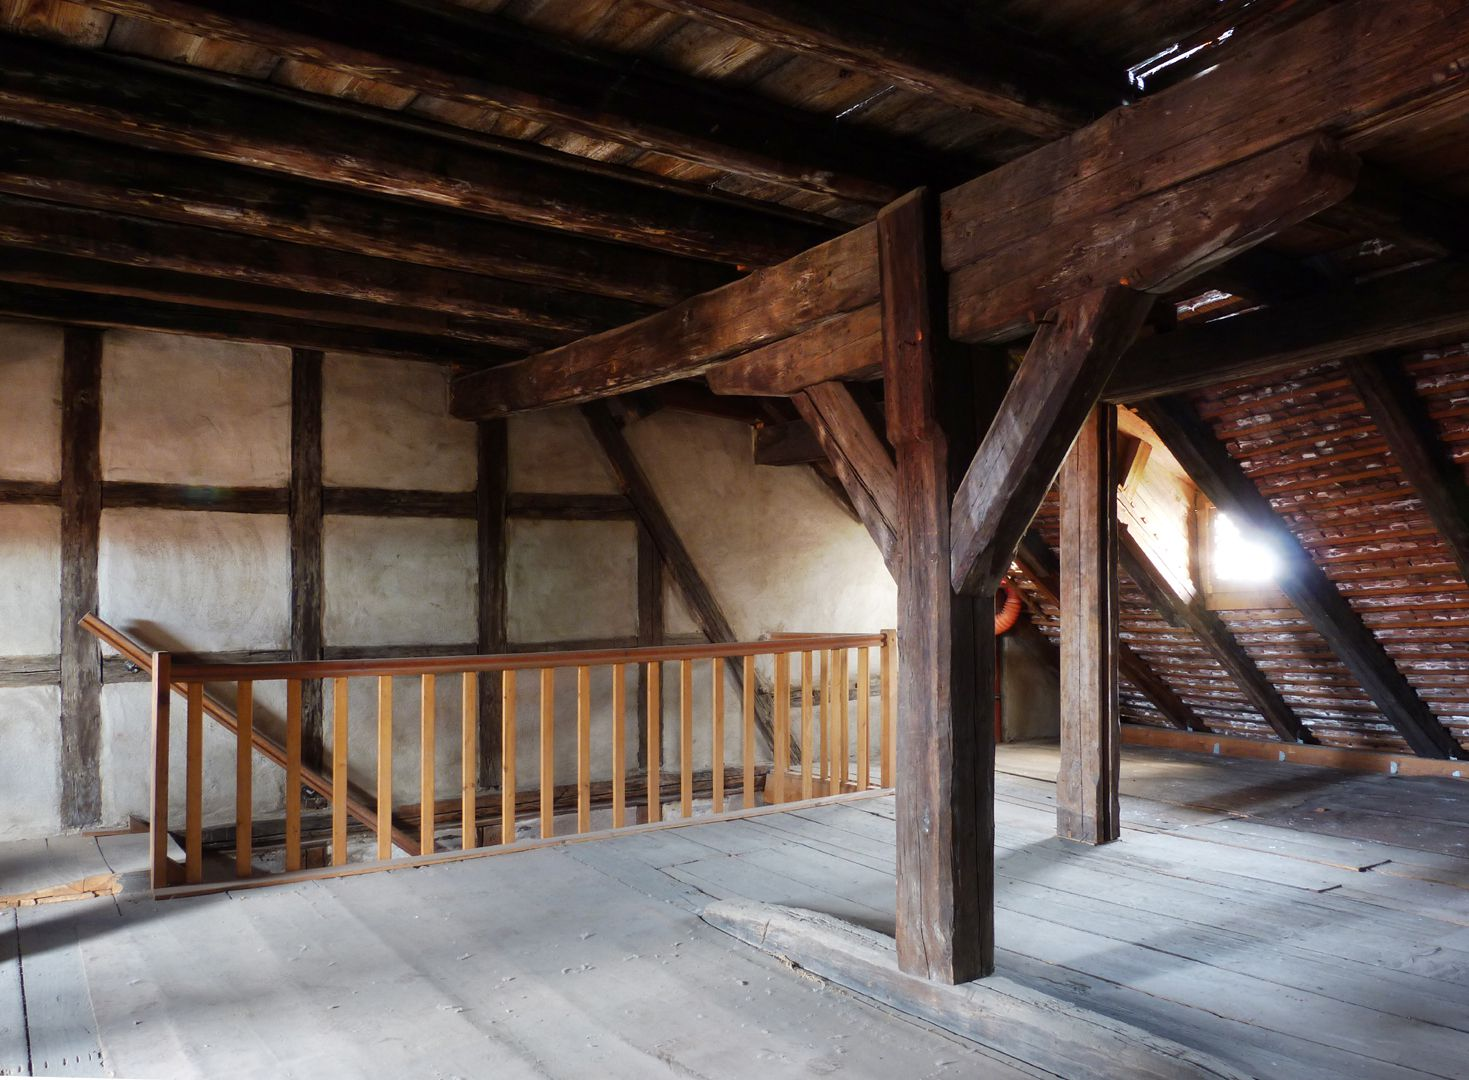 Haus Obere Krämersgasse 12 (Privatbesitz, nicht zu besichtigen) Dachgeschoss, links der Sparren von 1399 in der späteren Wand. Sonstige Dacherweiterung nach 1596.